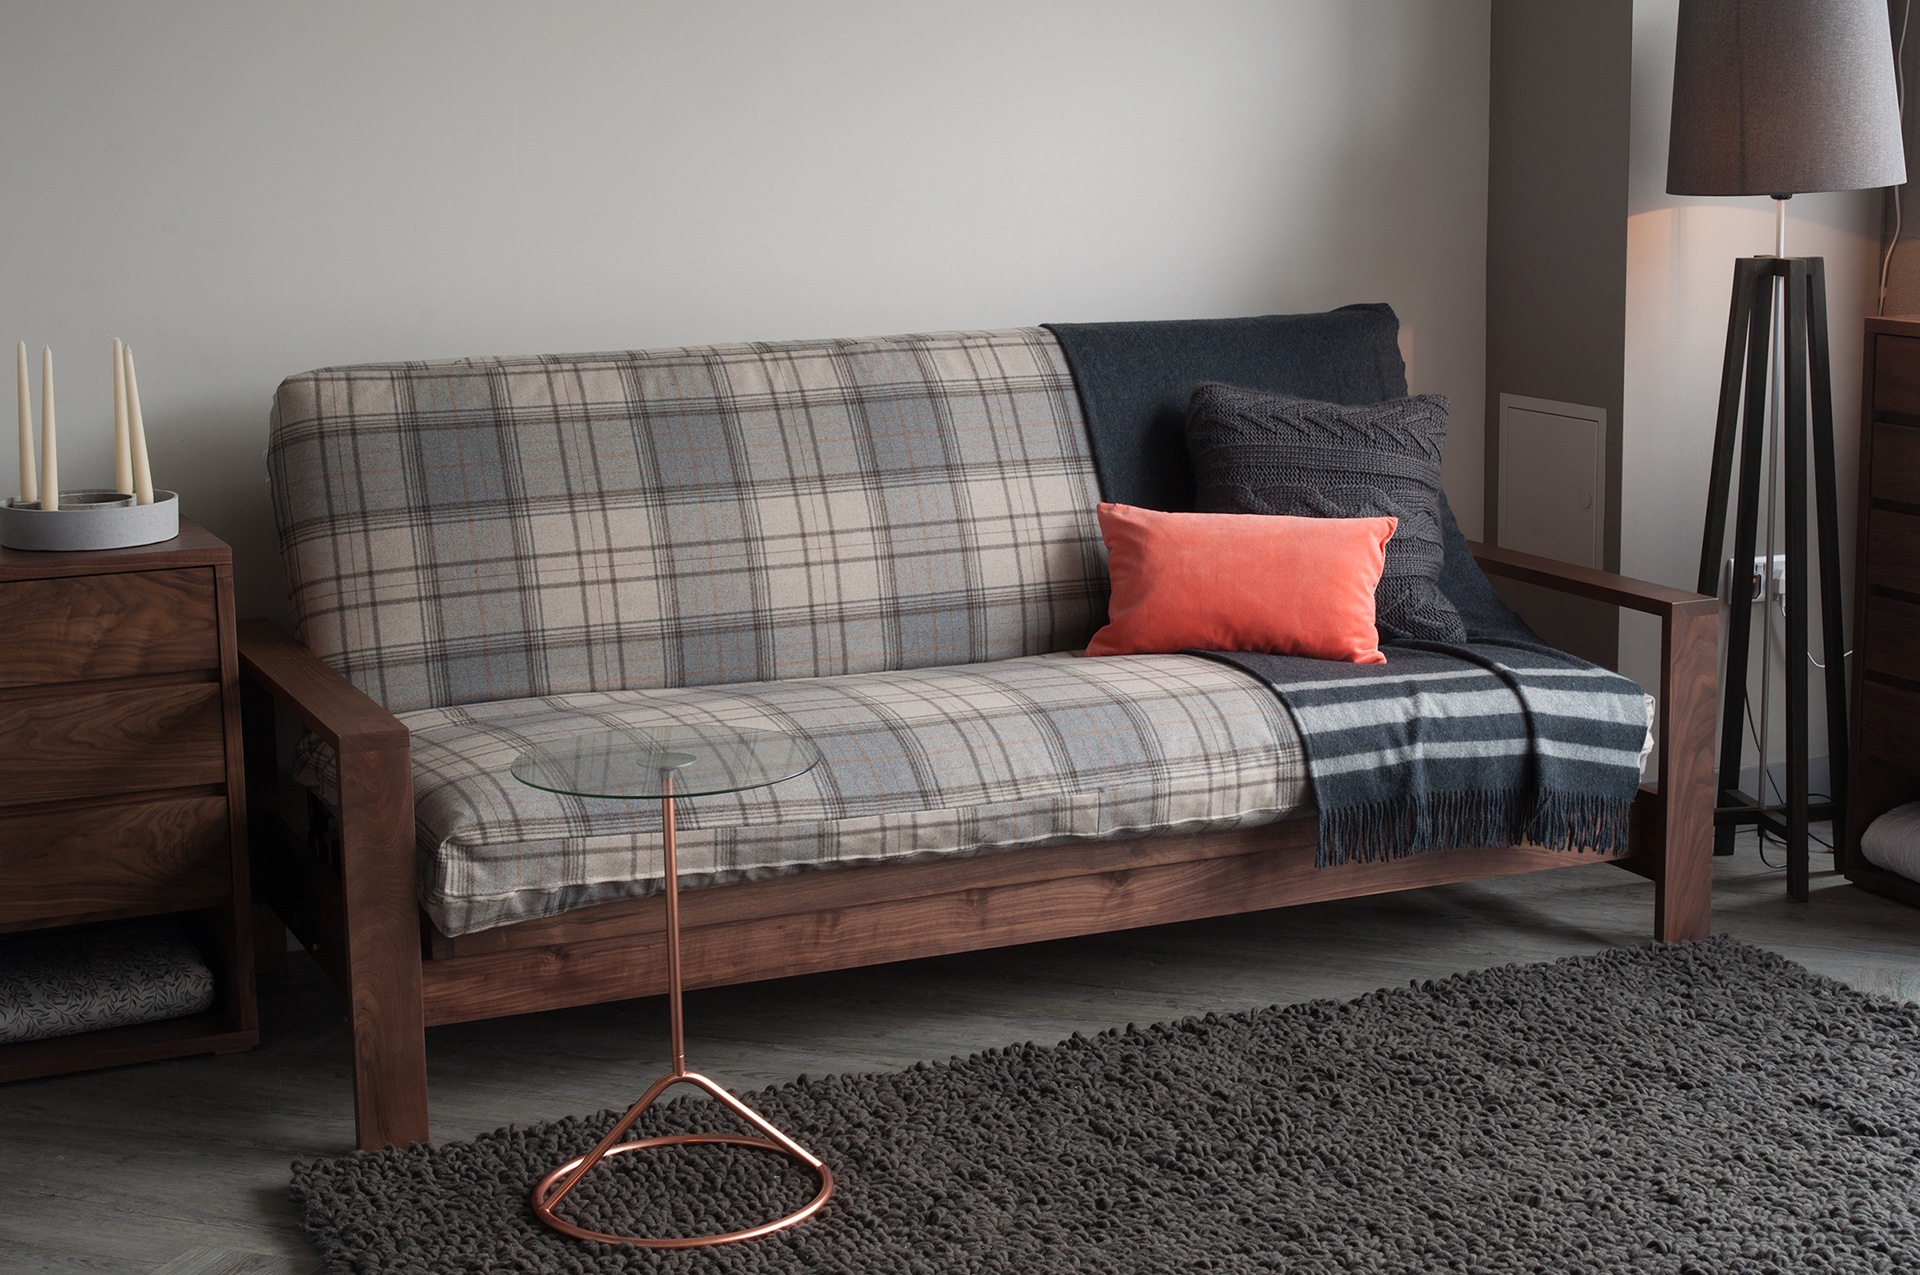 Black Lotus cuba sofa-bed main roomset